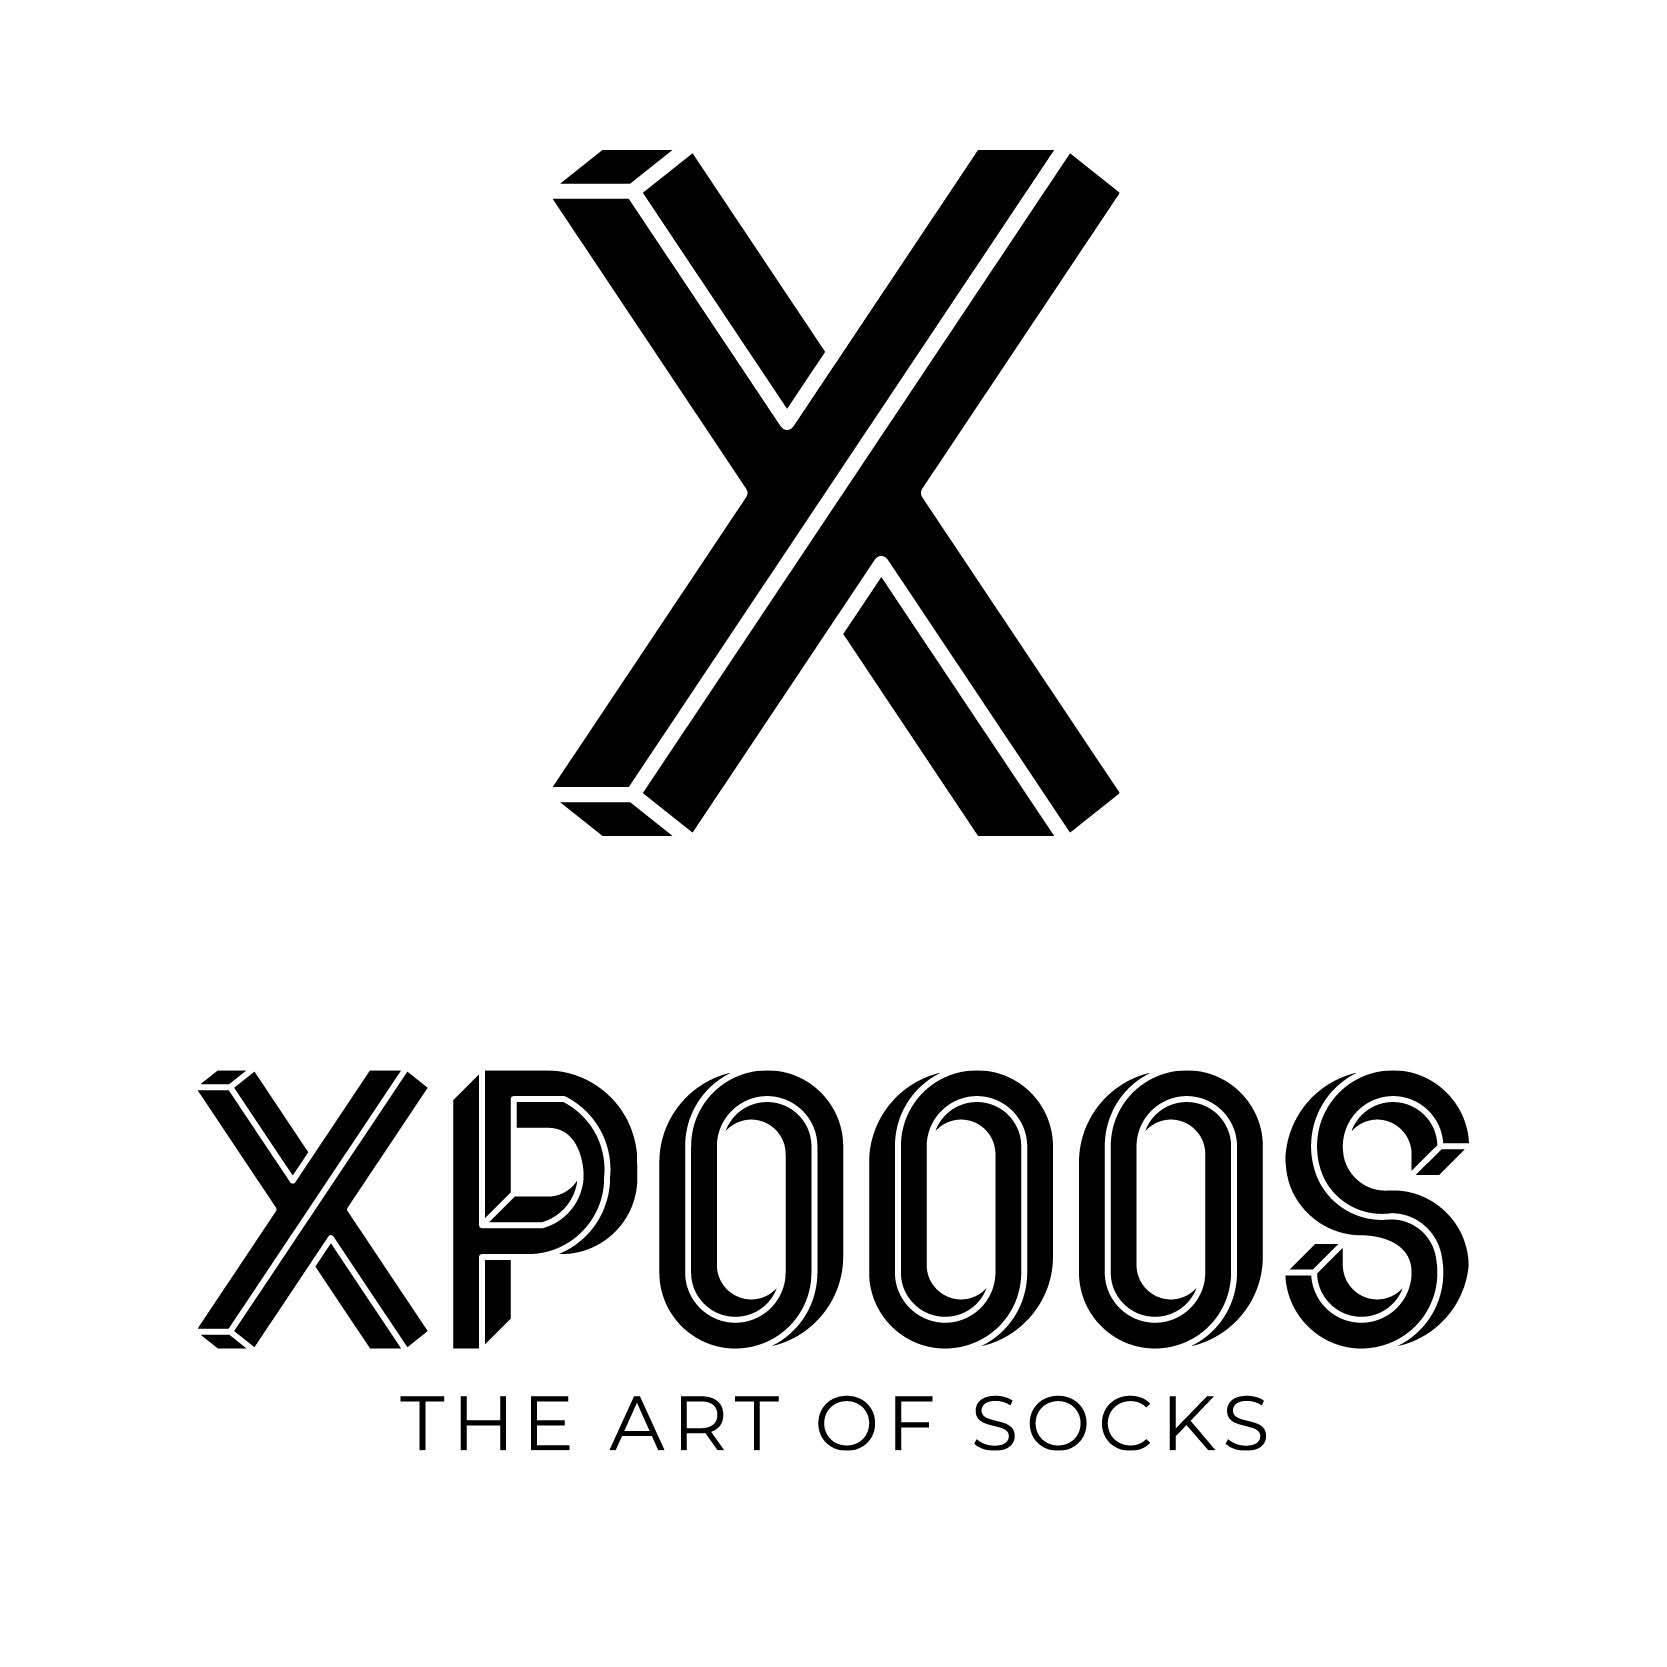 XPOOS